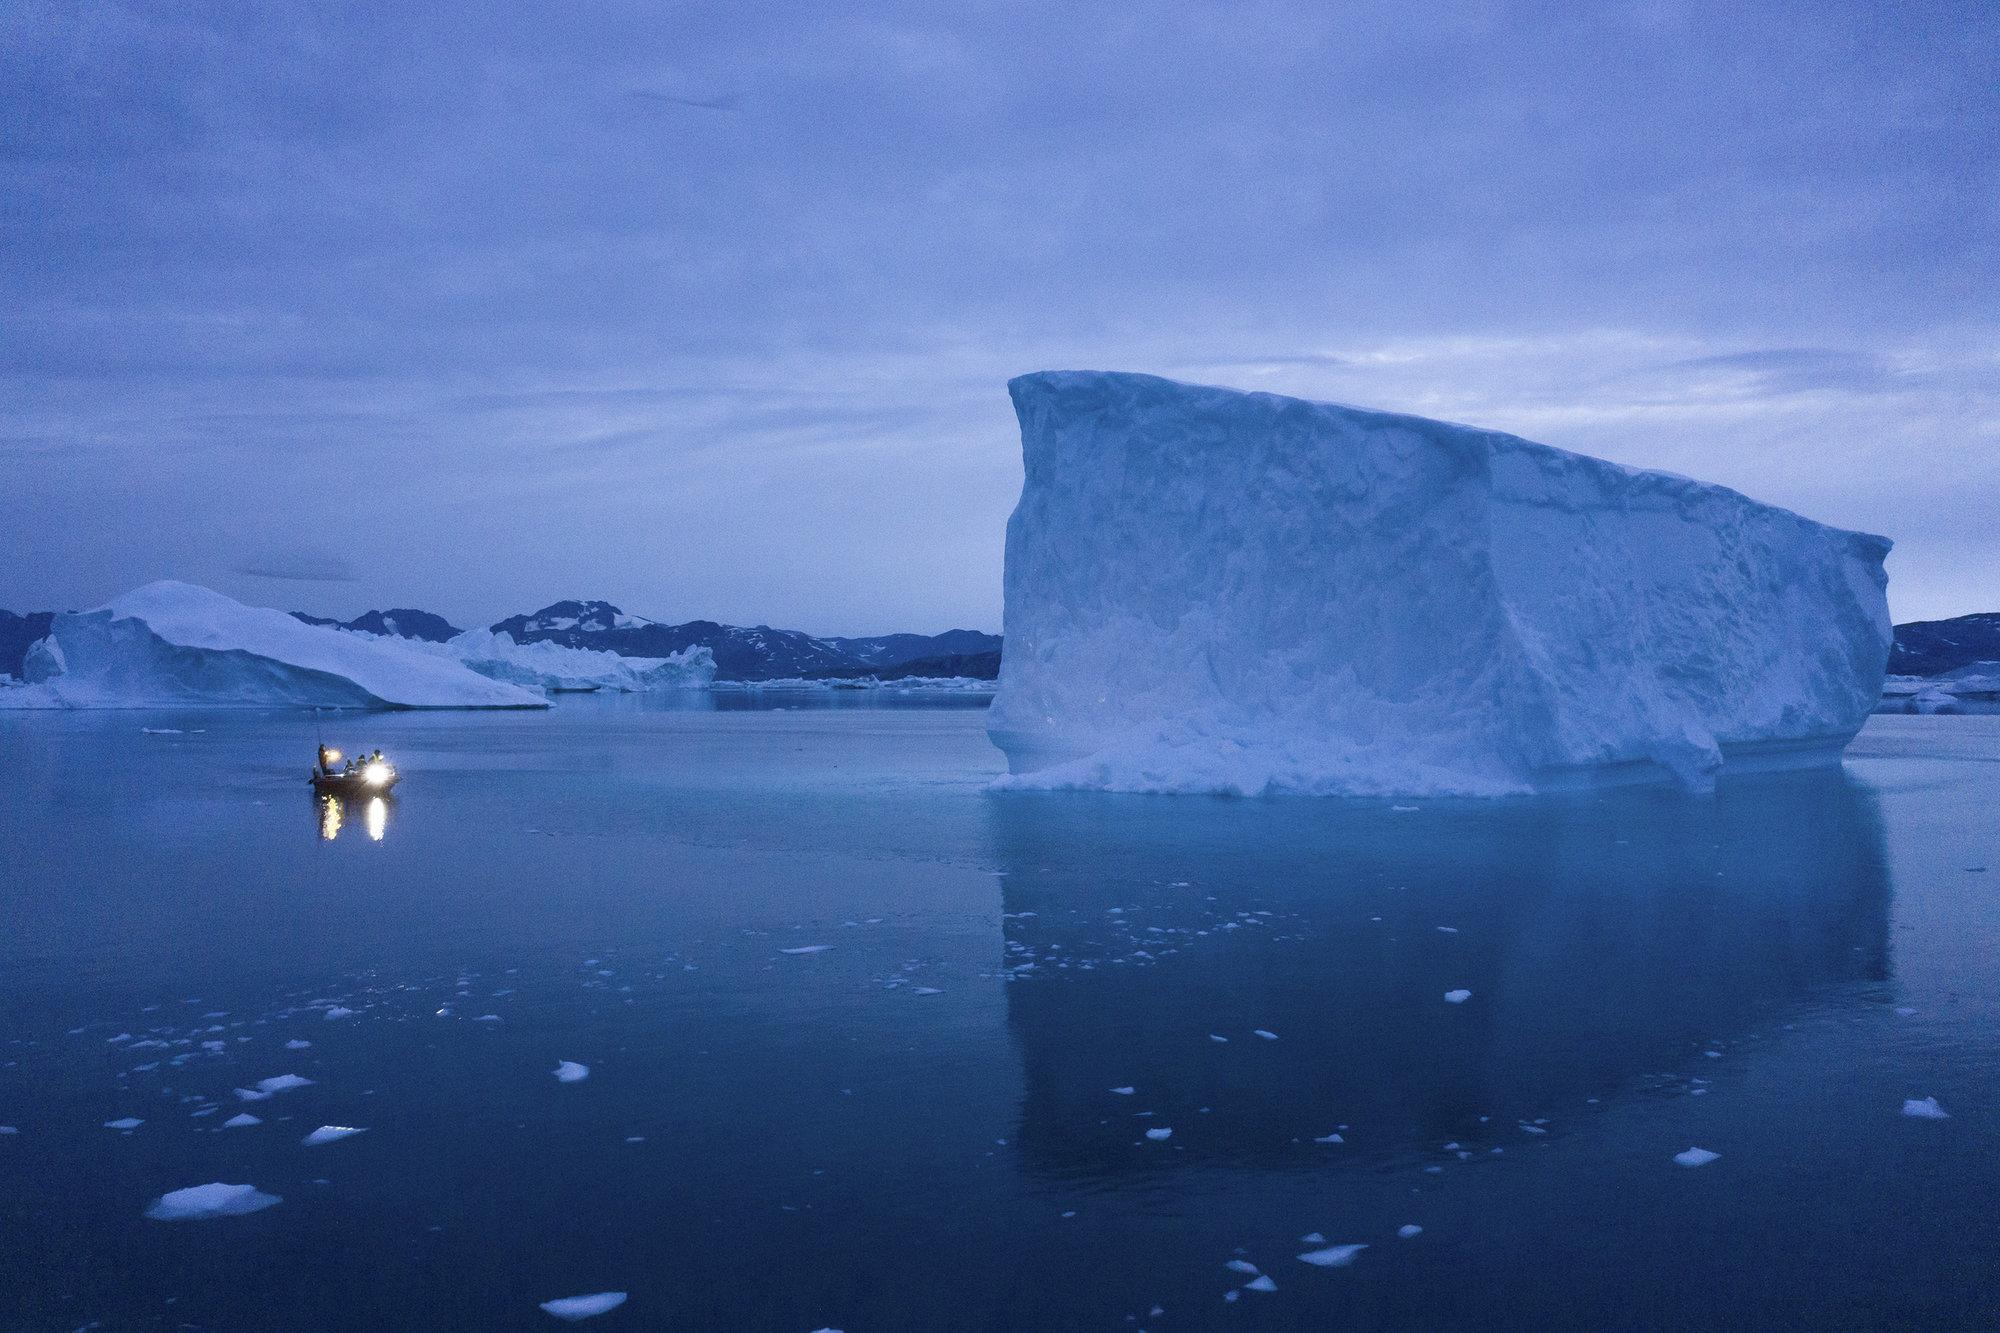 Das Eis Der Erde Schmilzt - Politik: Aktuelle Nachrichten für Eis Im Wasserglas Schmelzen Wie Ist Der Wasserspiegel Nun